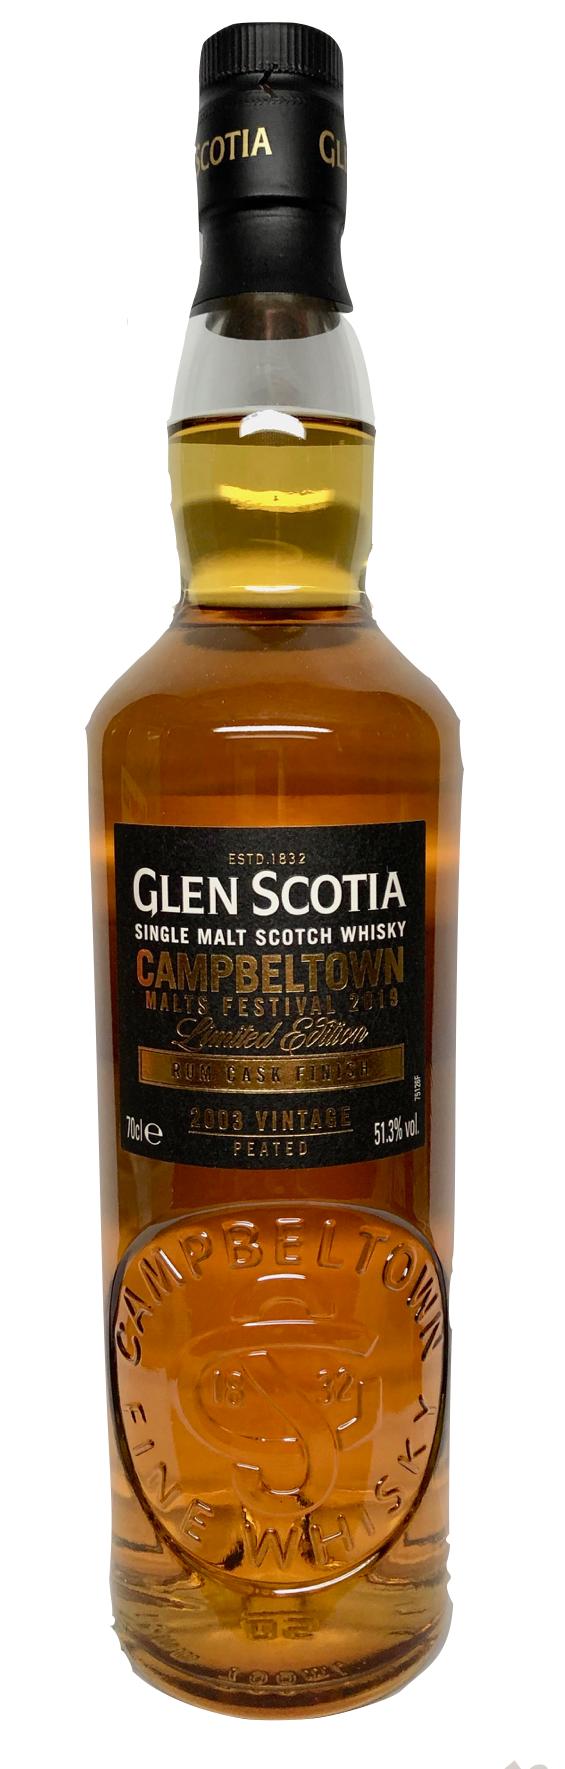 Glen Scotia 2003 2019 Rum Finish